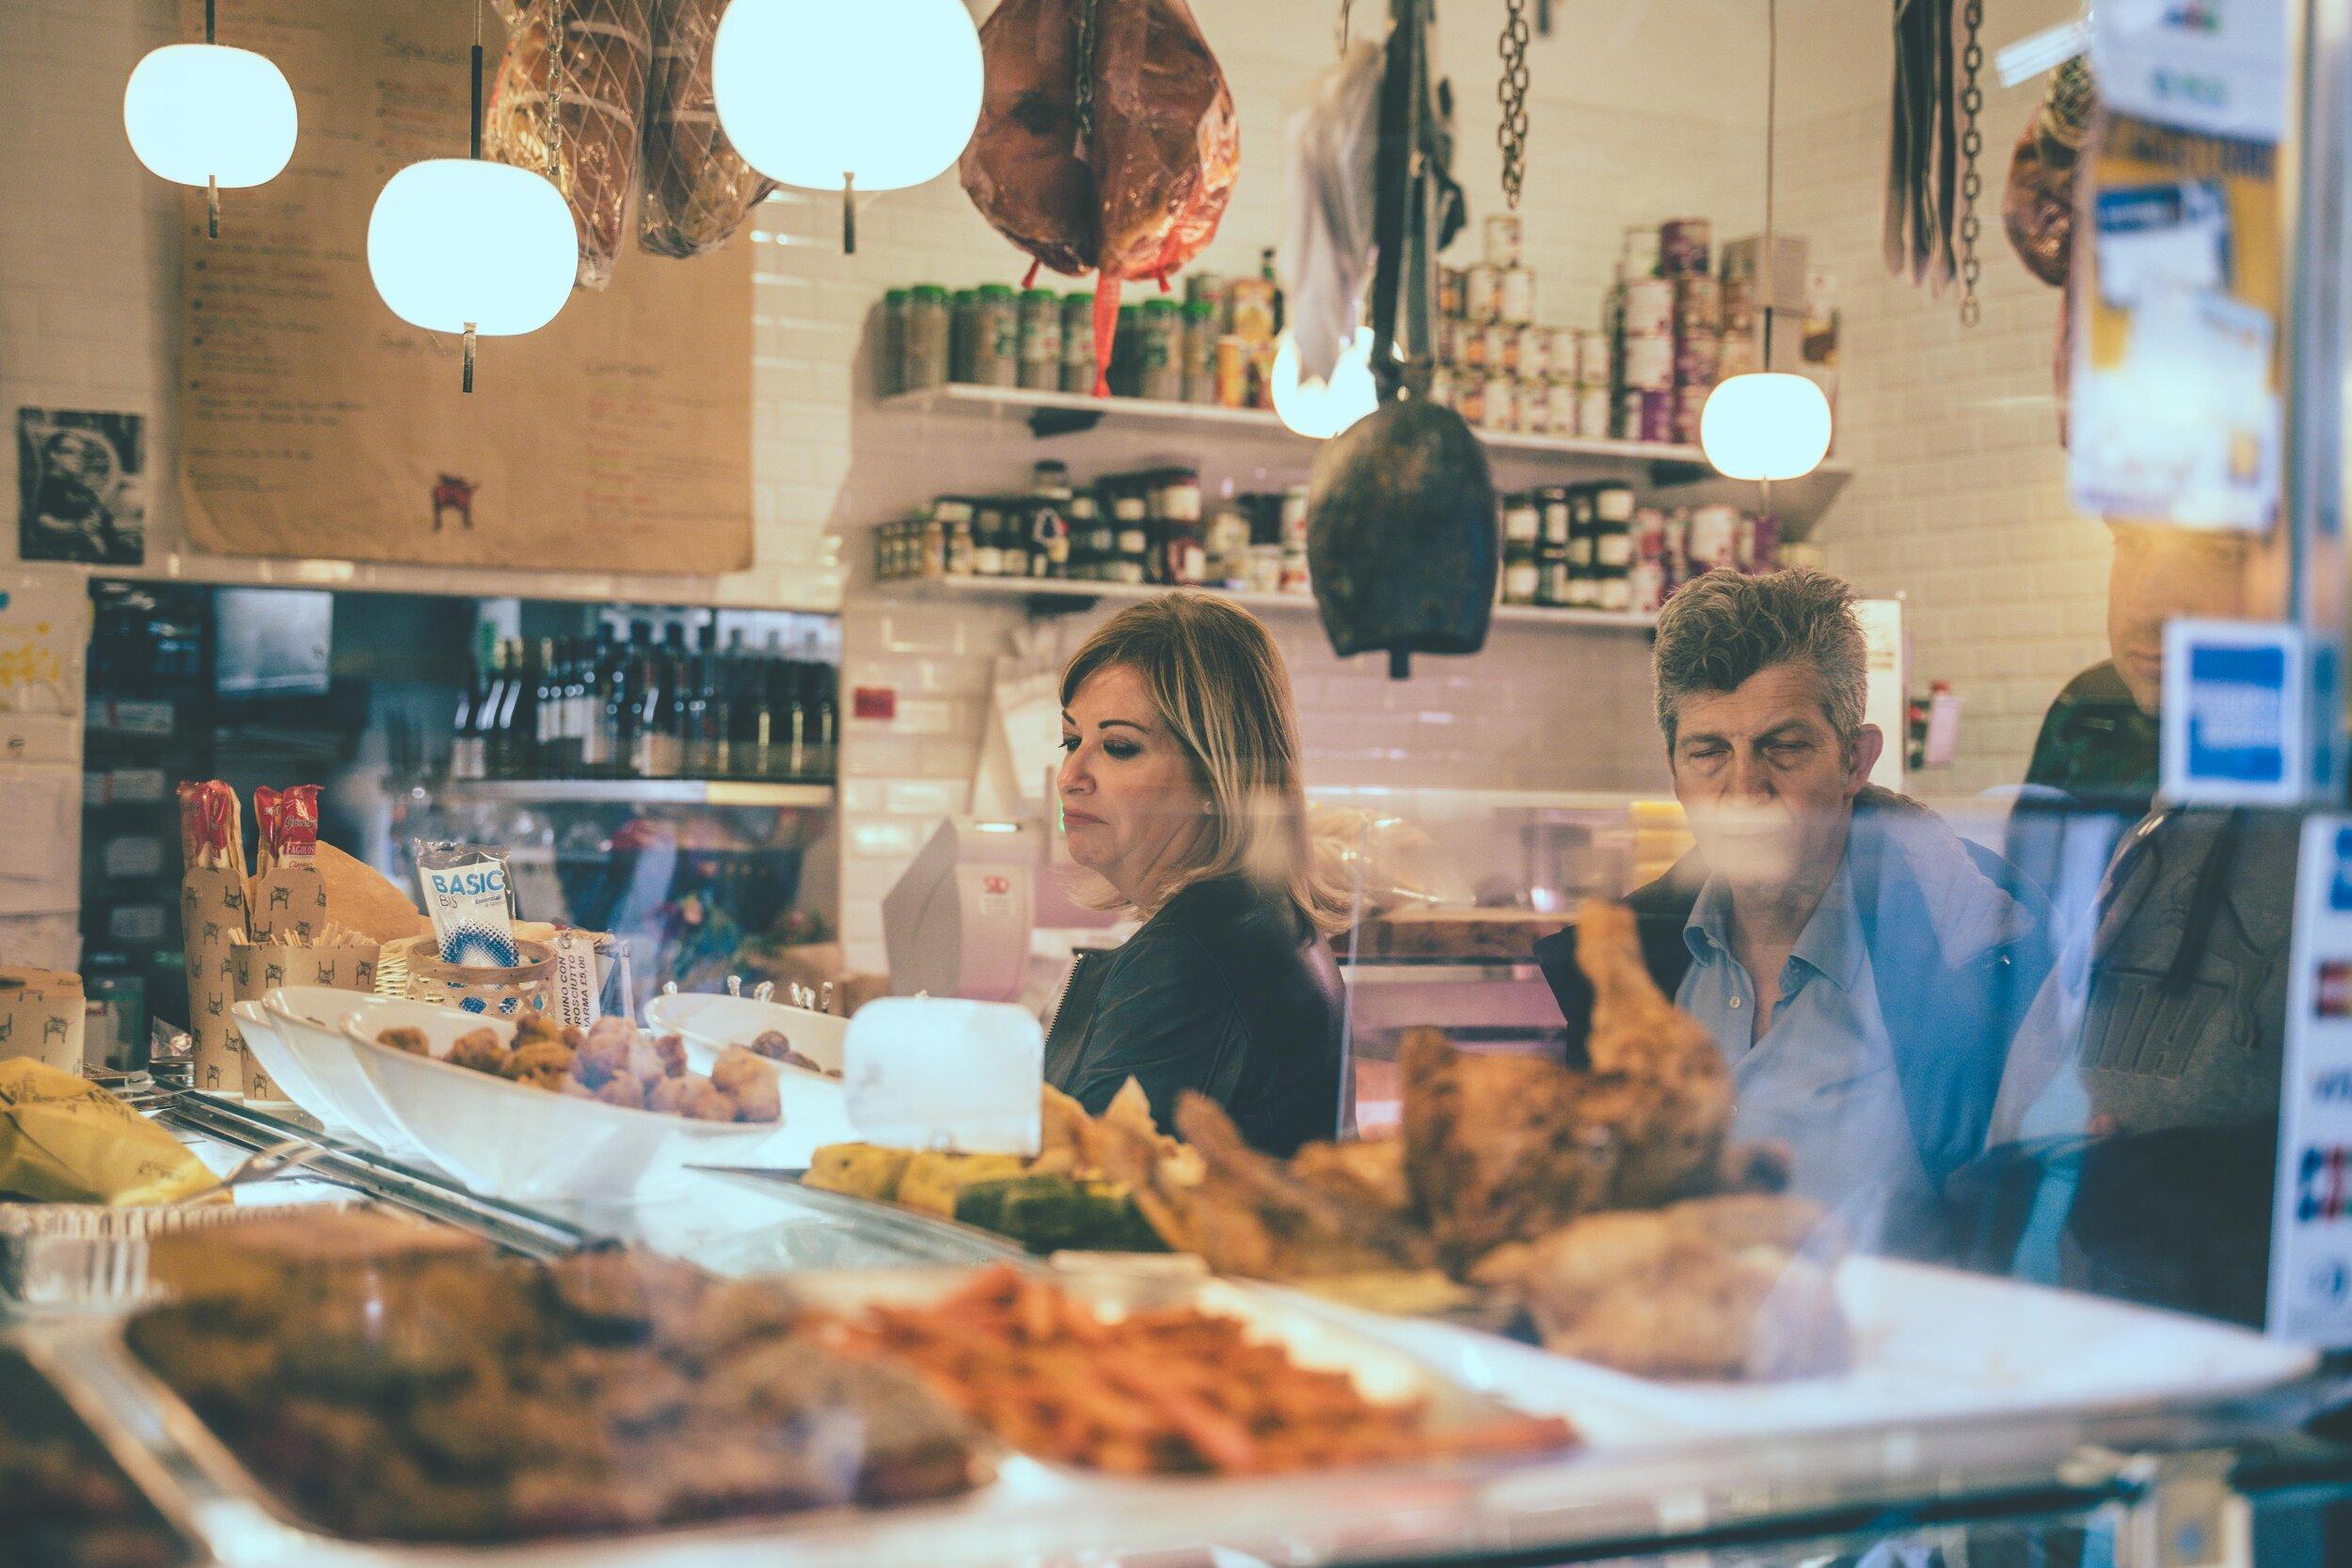 lady in market preparing food.jpg